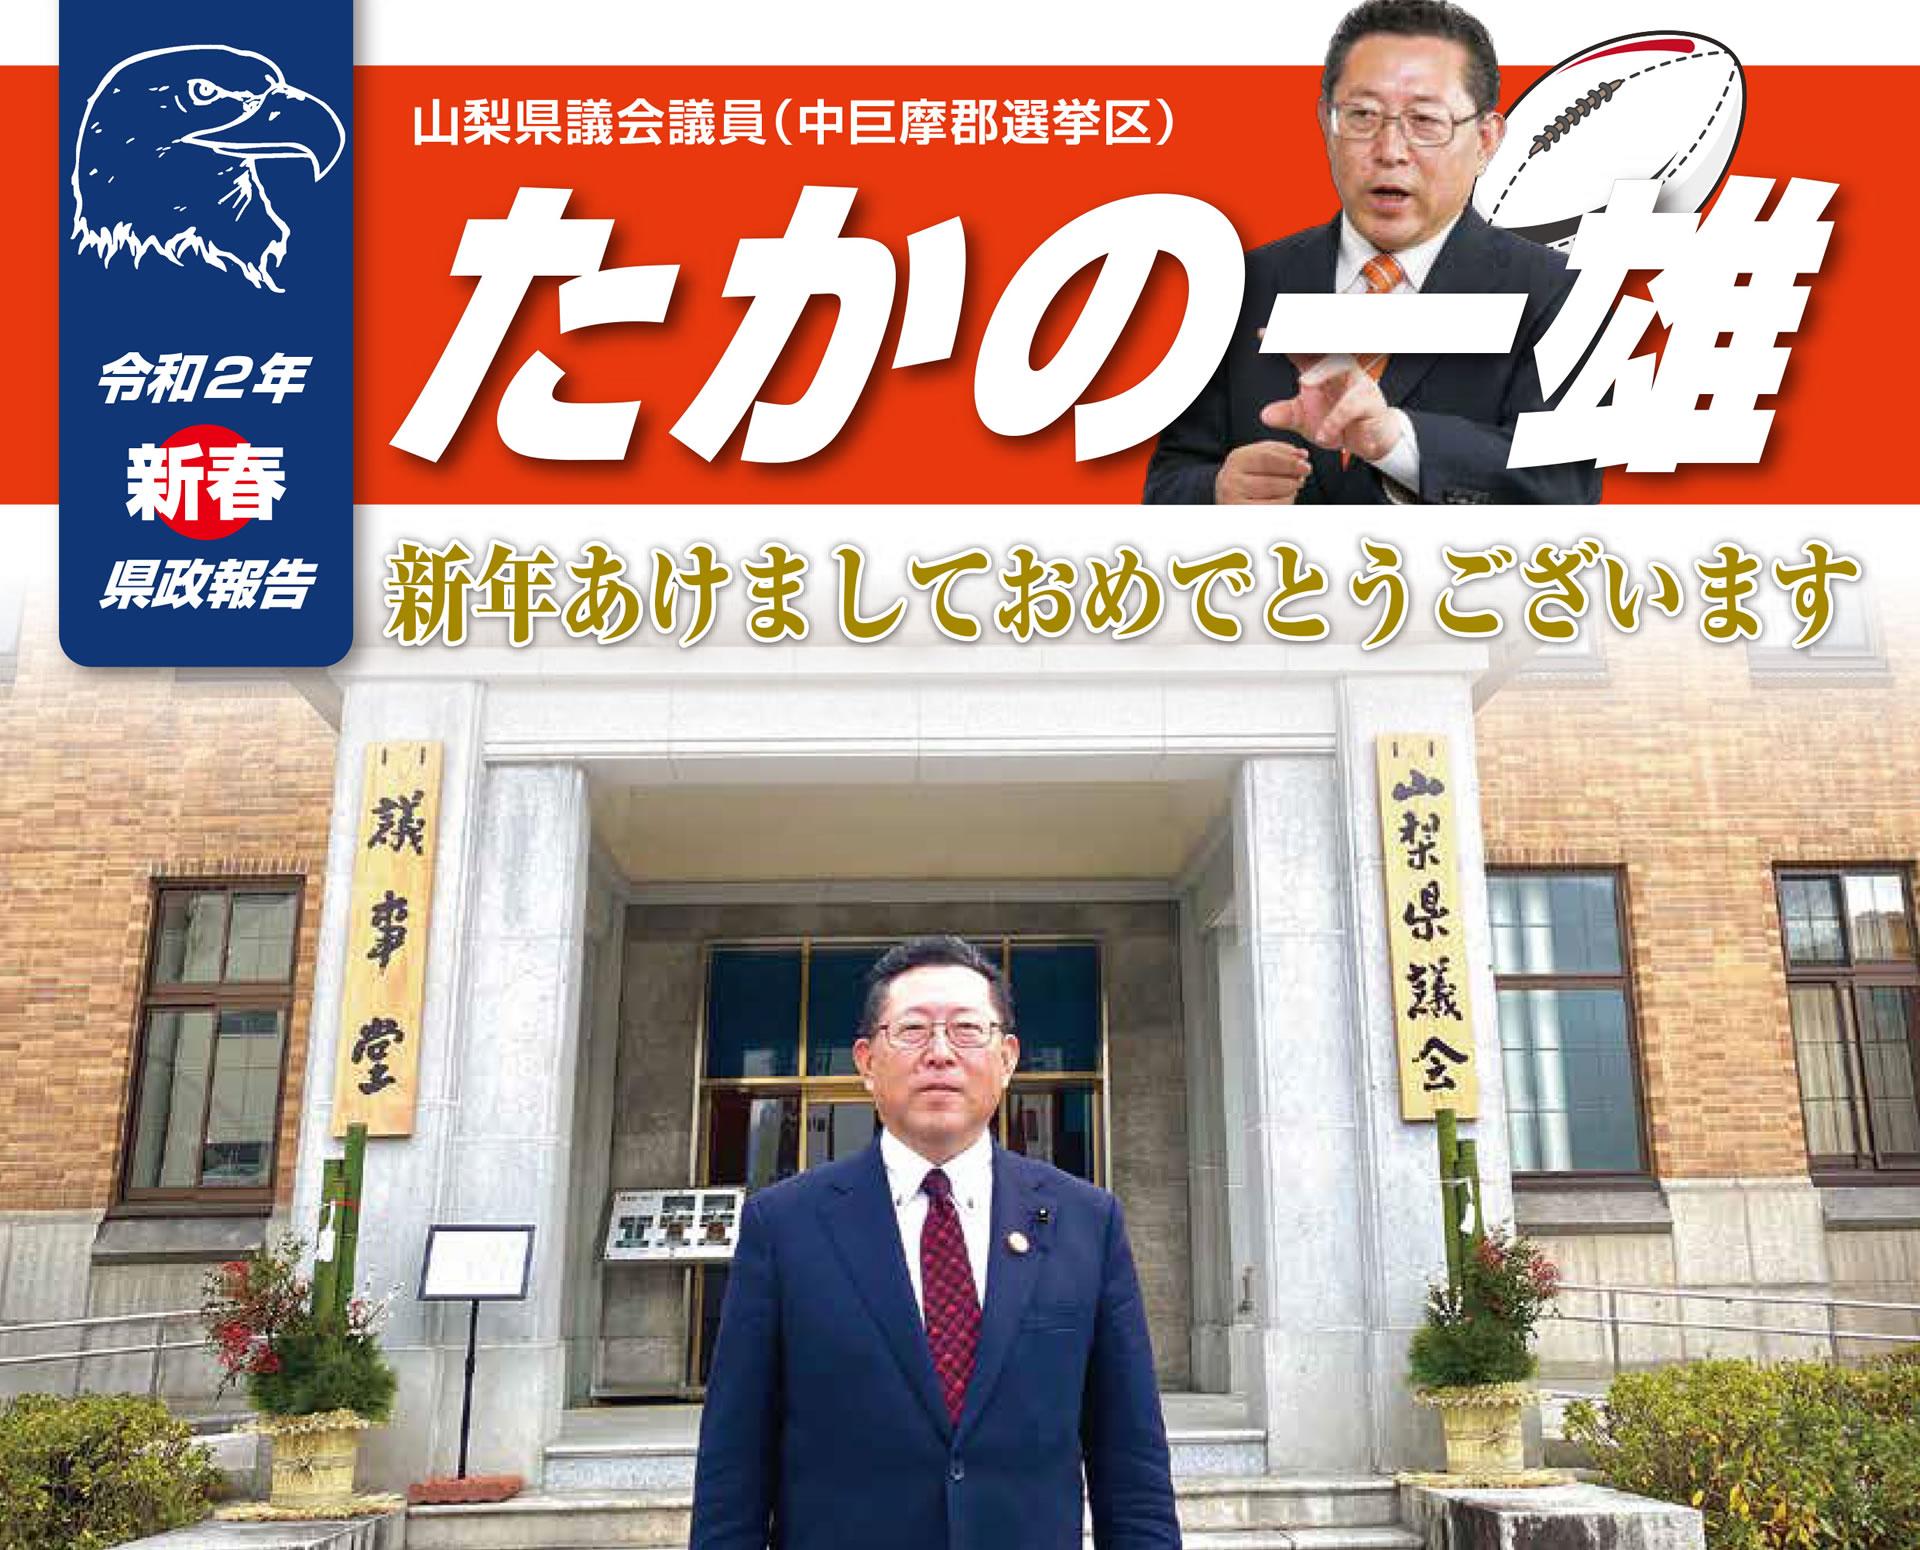 2020年 新春 県政報告